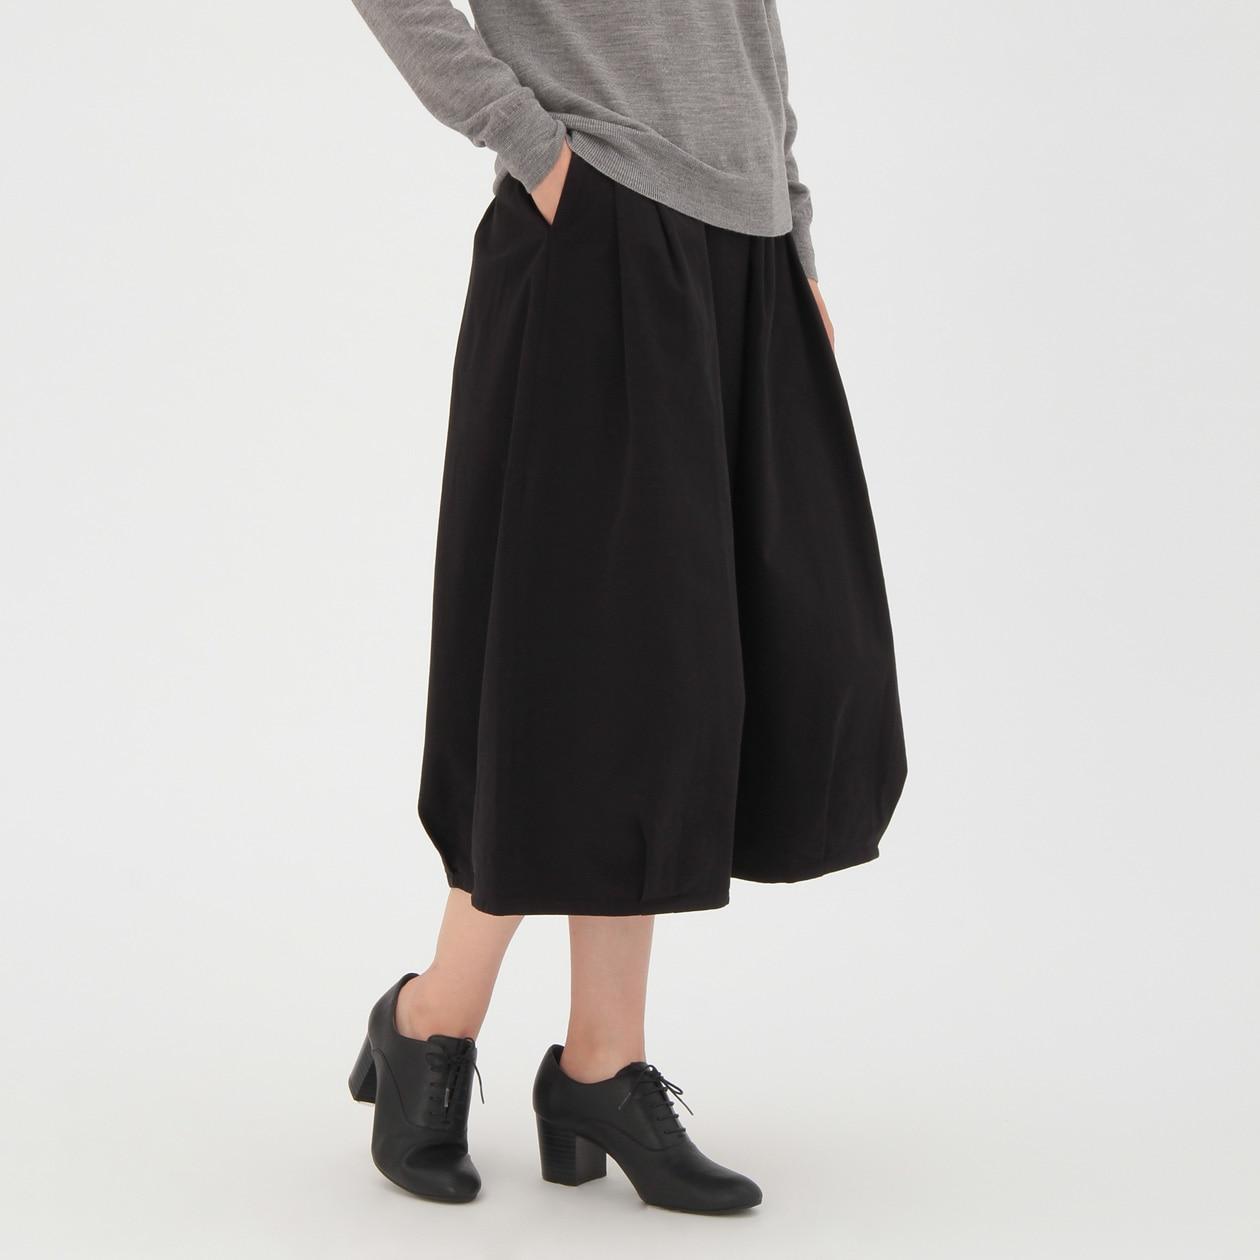 オーガニックコットン縦横ストレッチチノイージーバルーンスカート